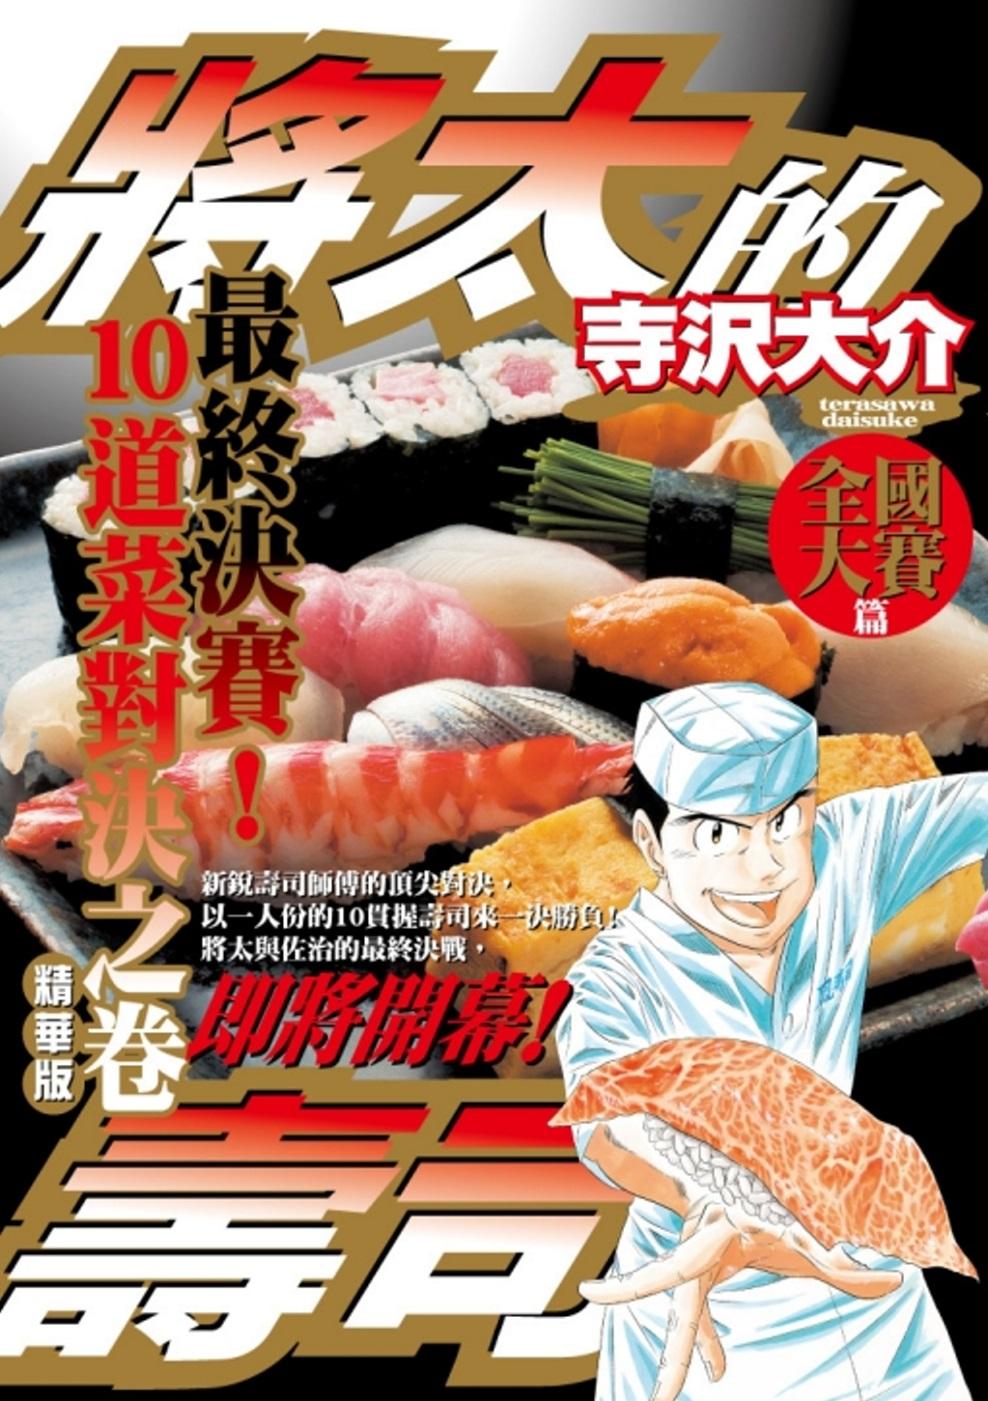 將太的壽司 全國大賽篇精華版 最終決賽!10道菜對決之卷 全